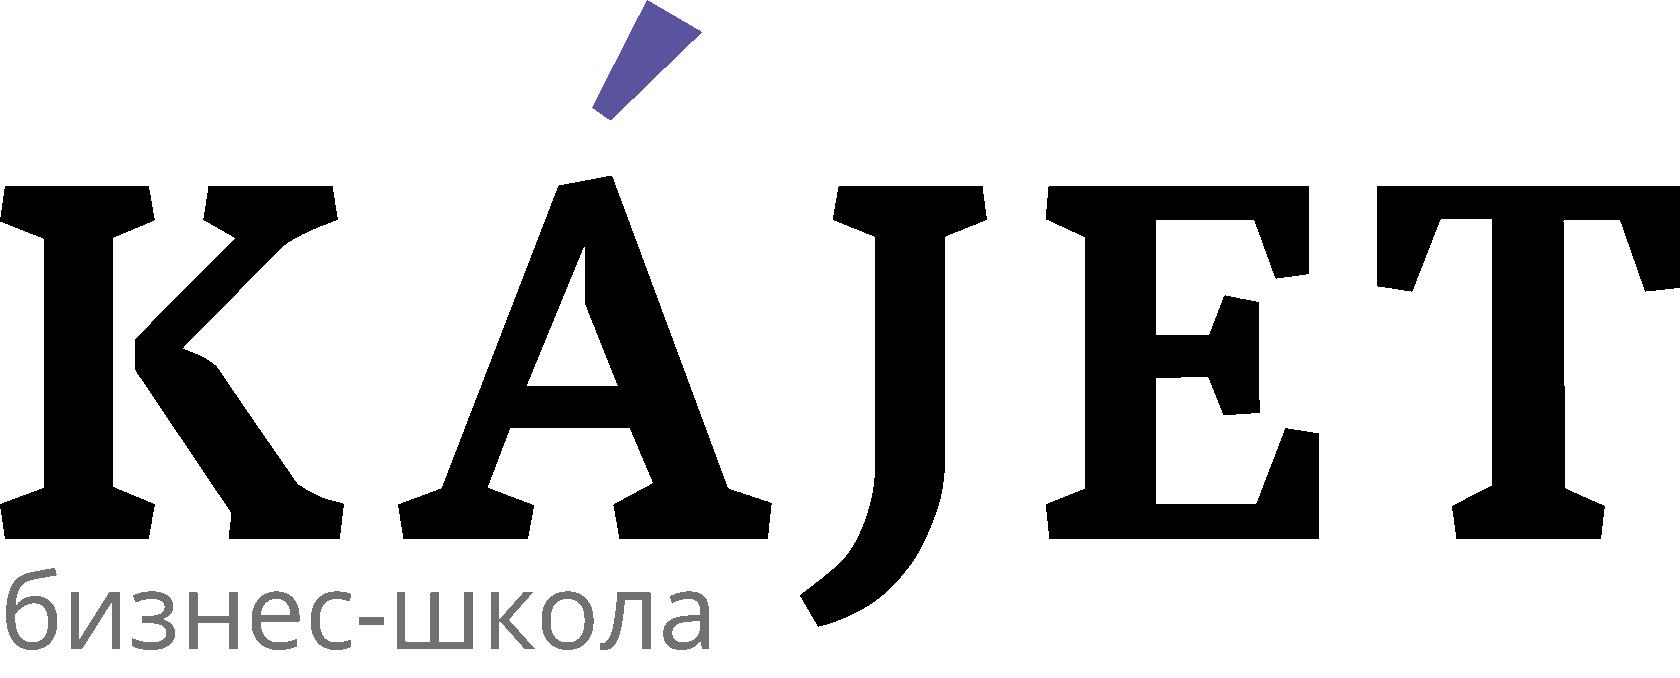 По всему Казахстану / 2 апреля - 23апреля